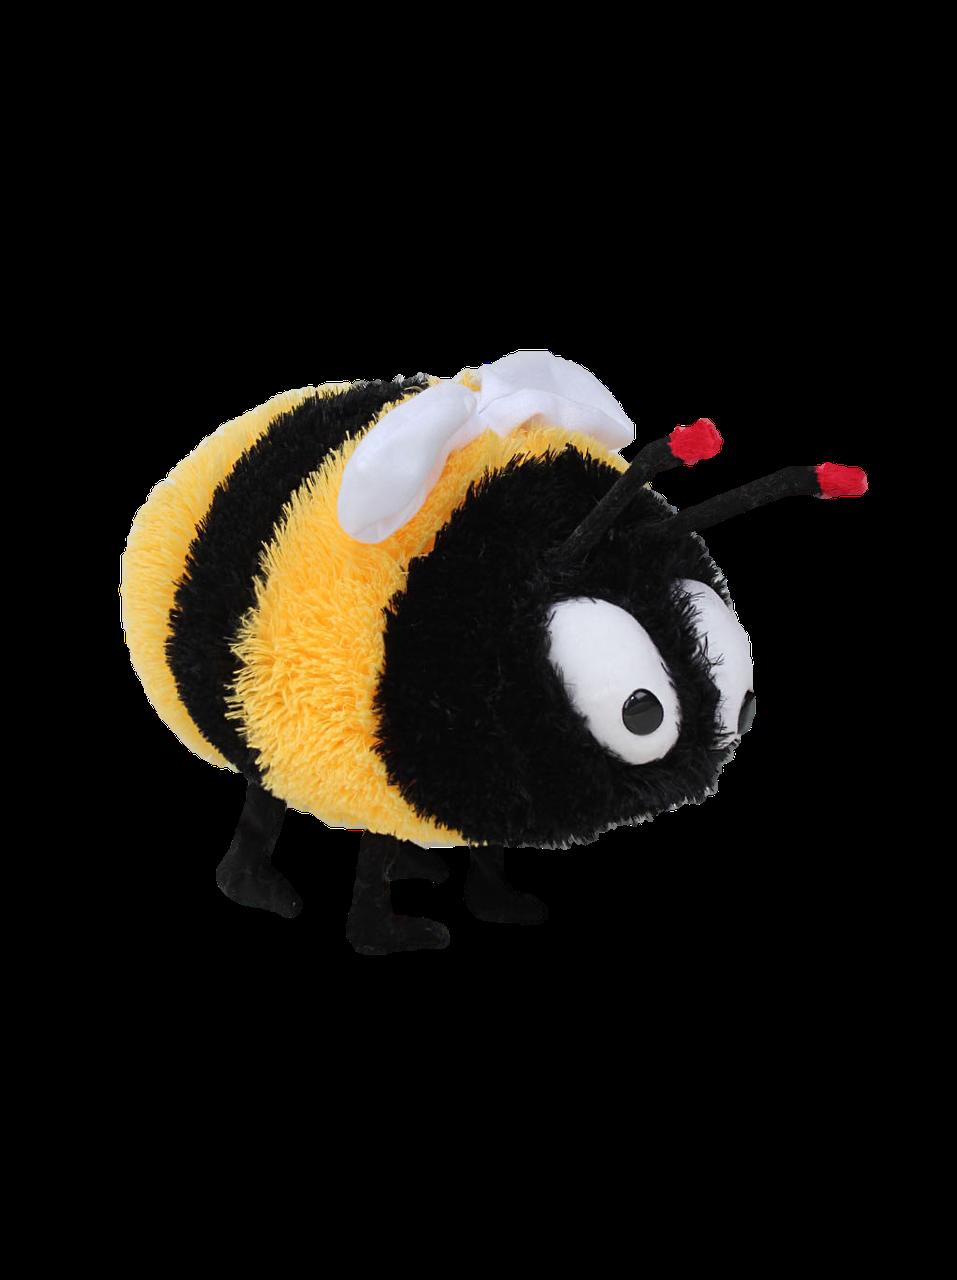 Плюшевая пчелка (мягкая игрушка)  33 см черно-желтая Алина